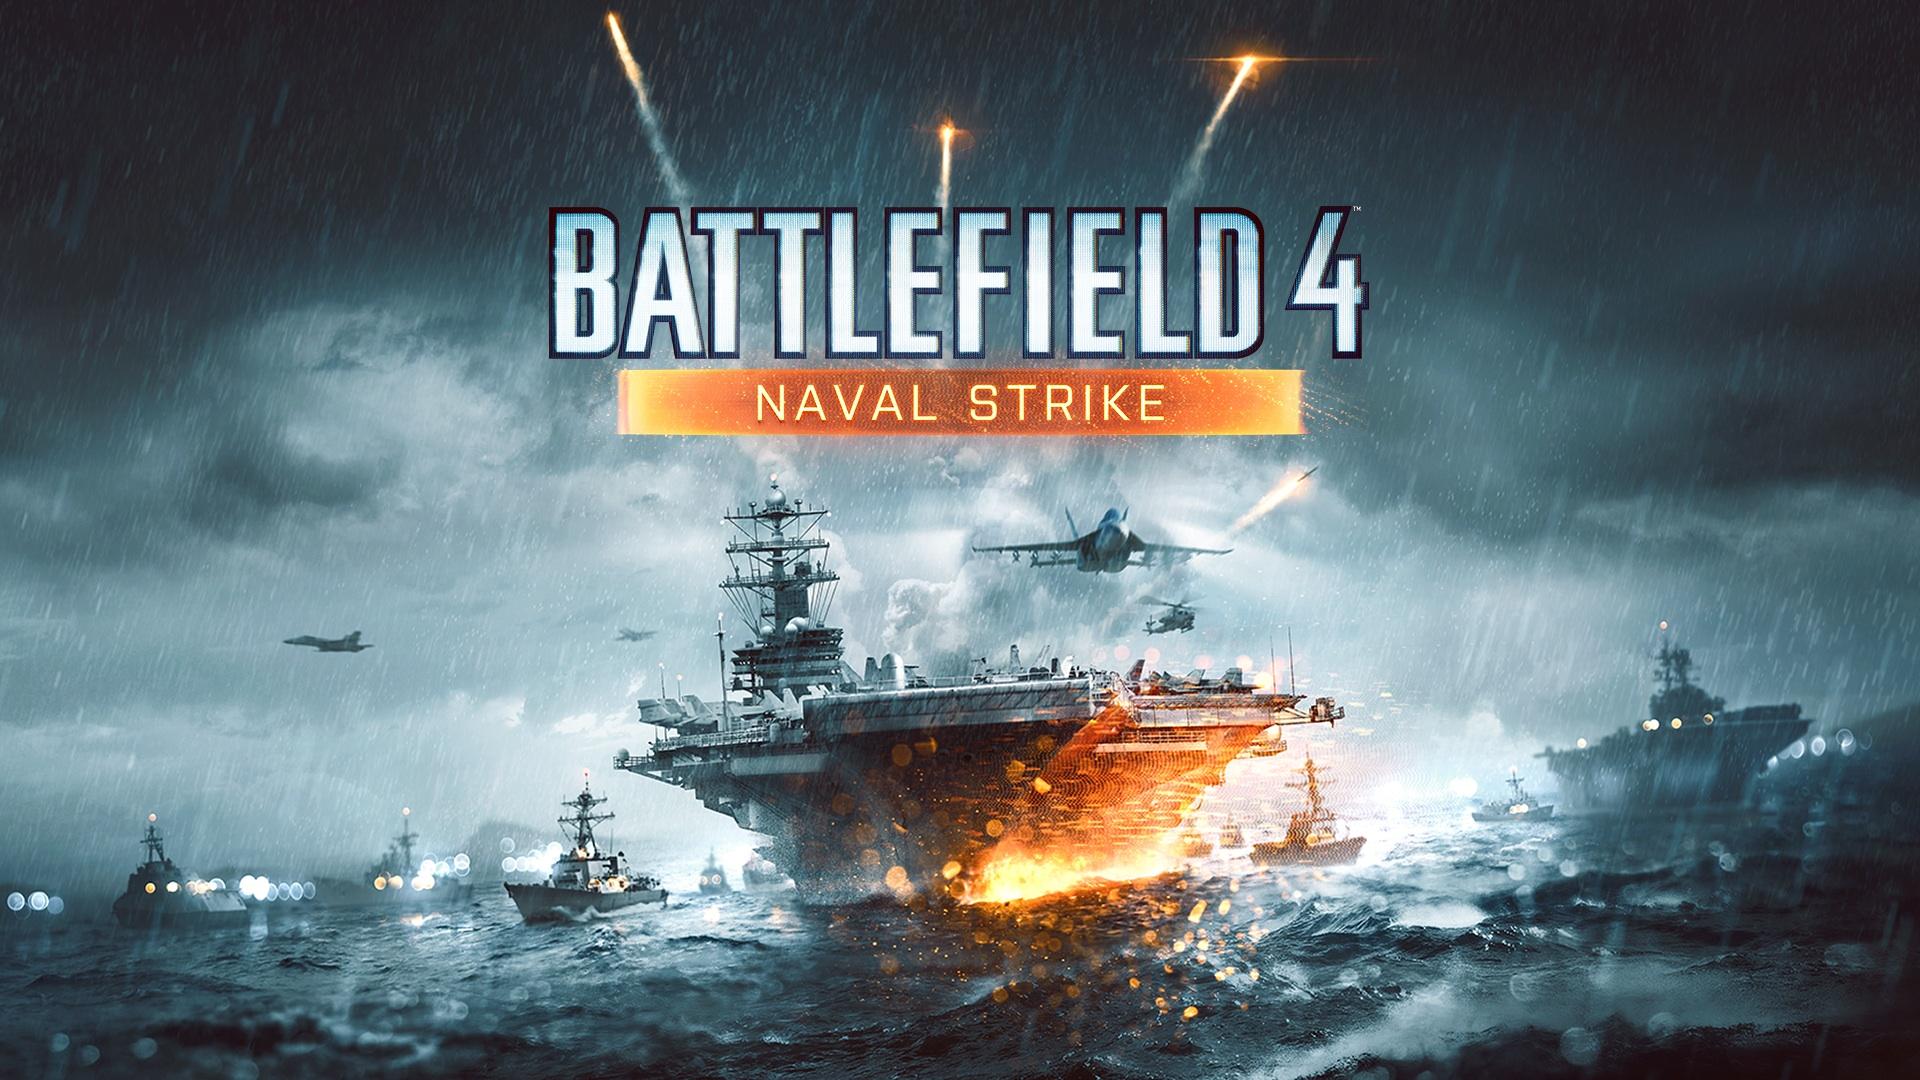 HD Wallpapers Battlefield 4 Naval Strike